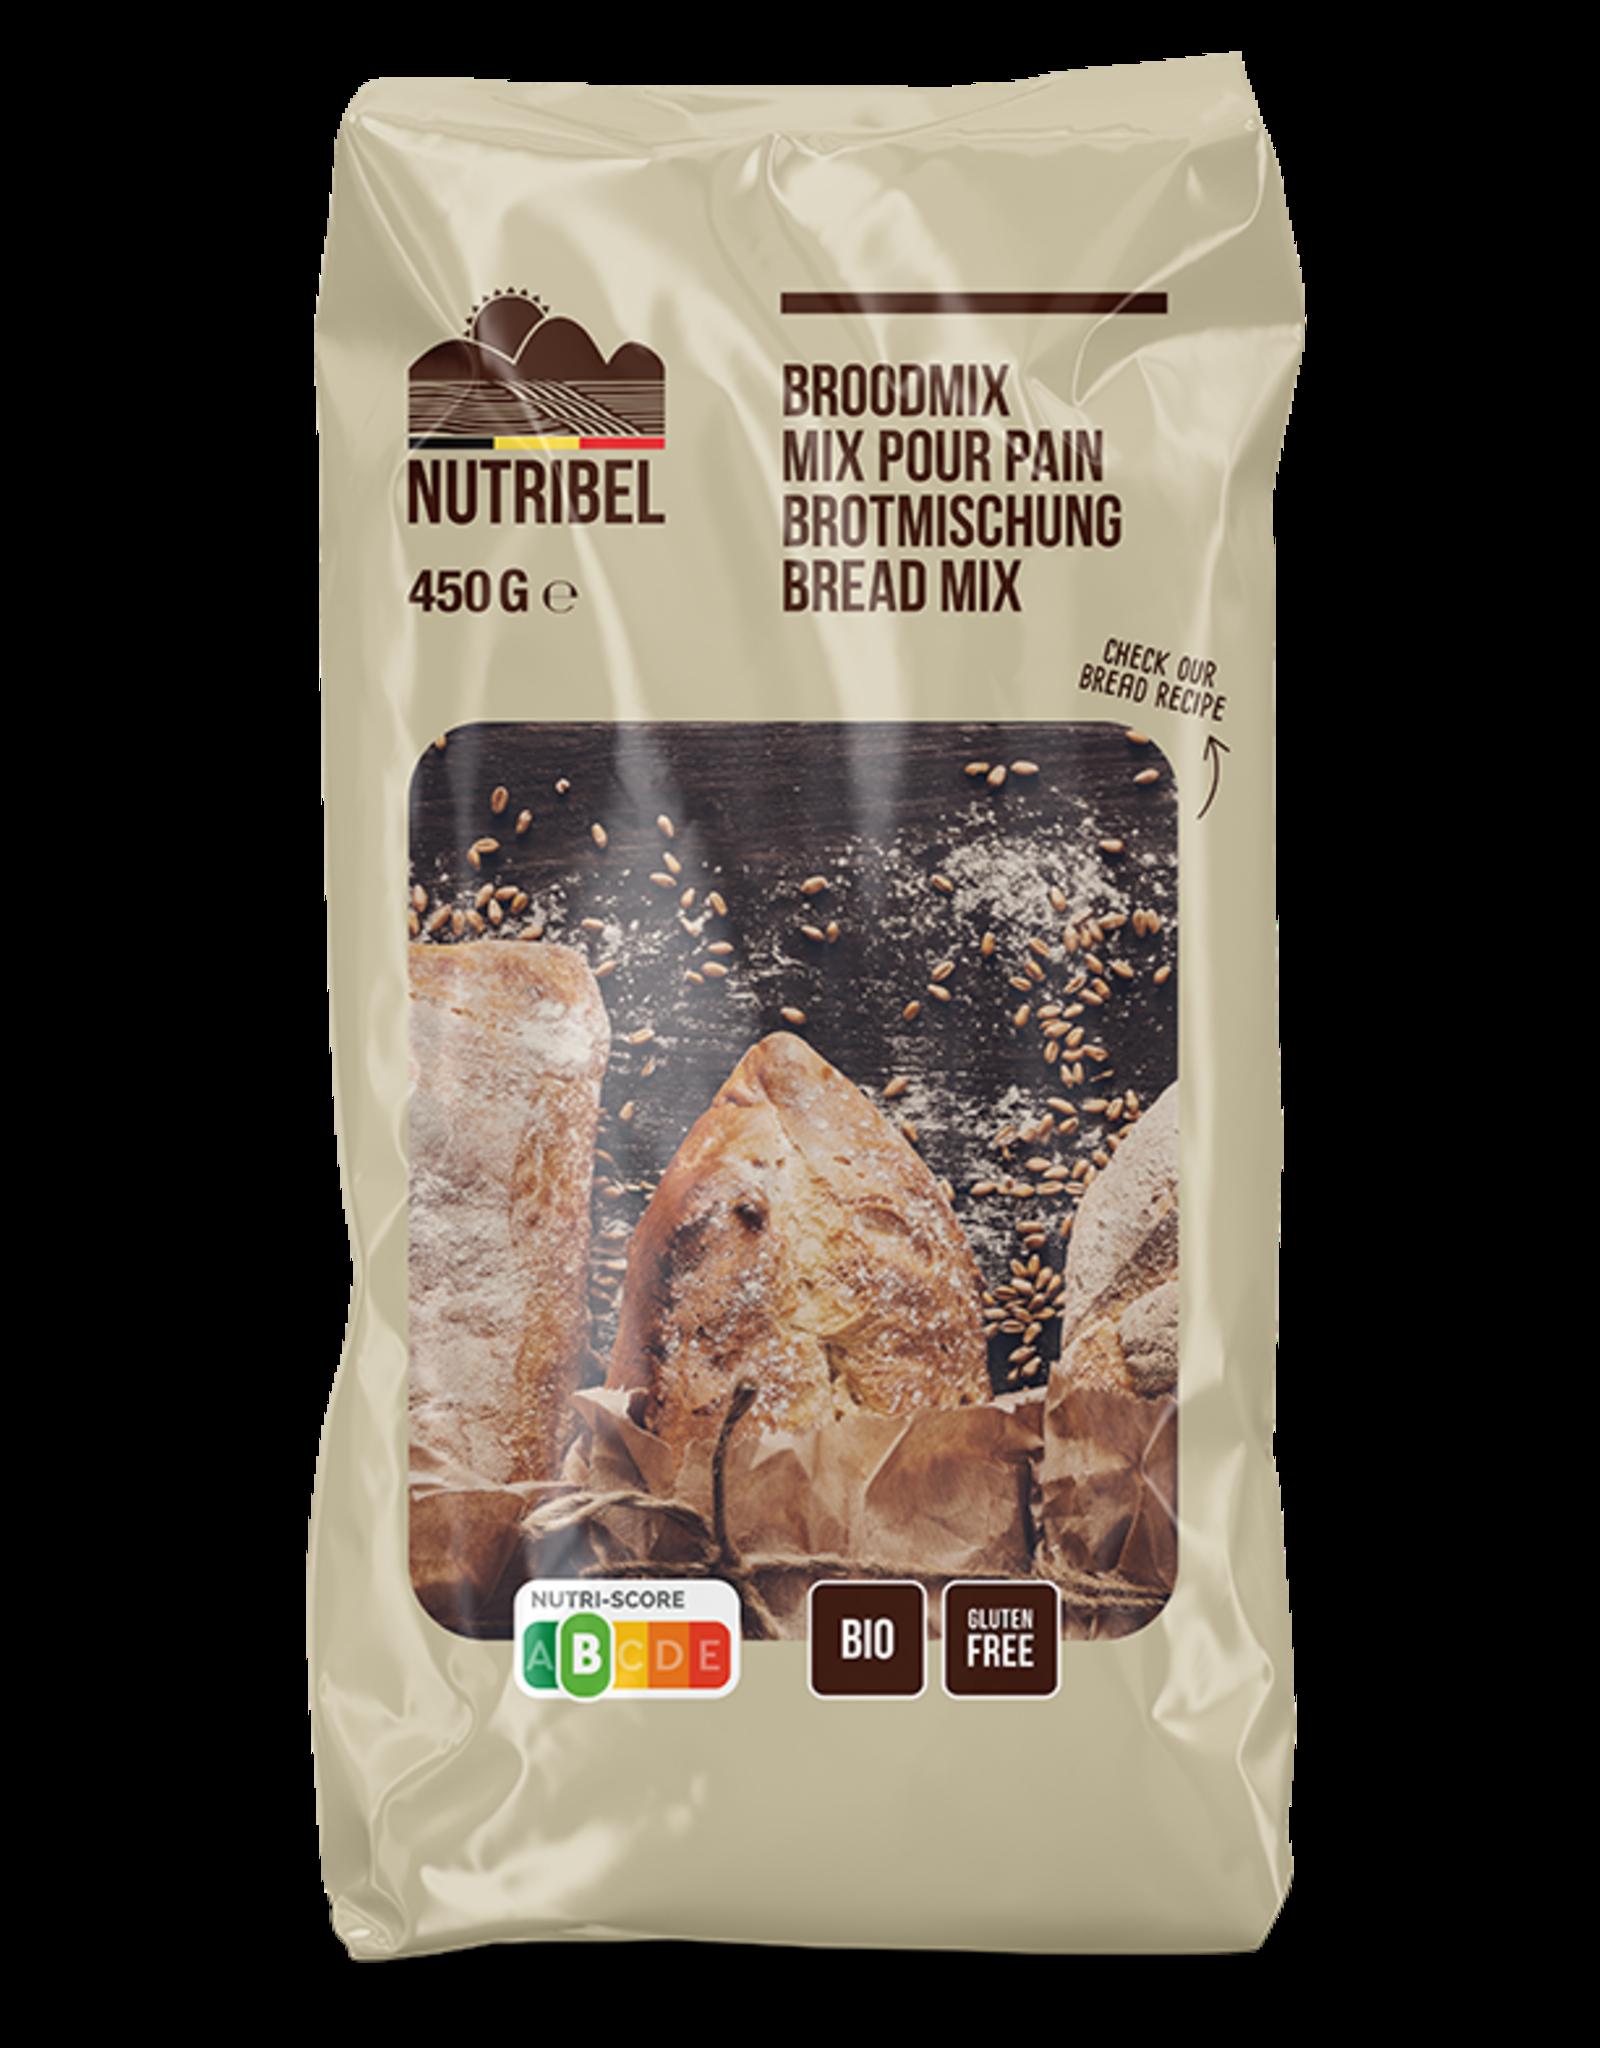 Nutribel Broodmix vezelrijk bio & glutenvrij 450g